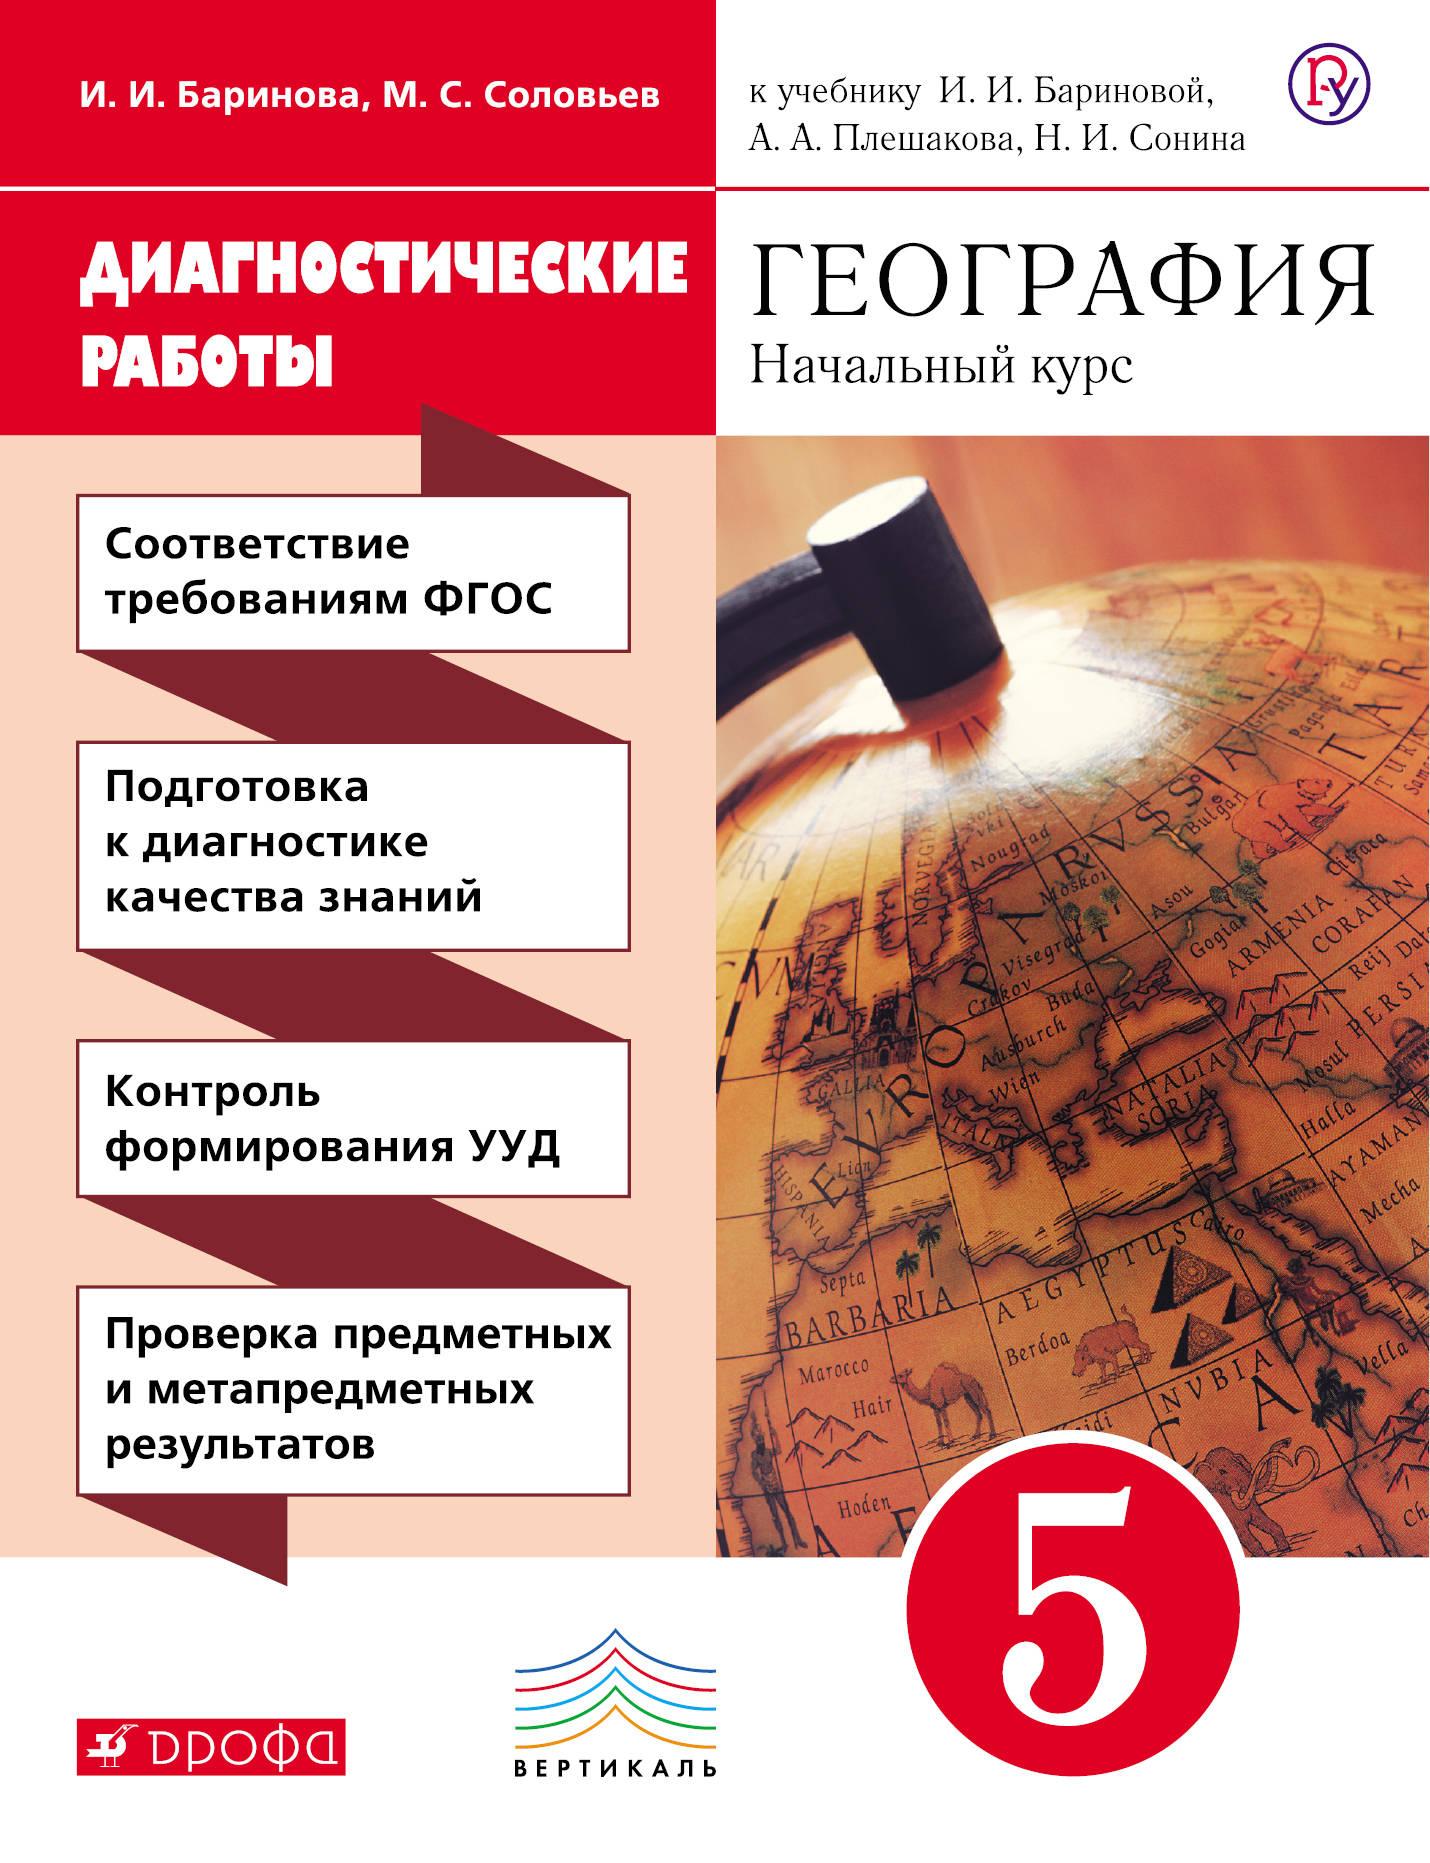 И.И.Баринова, М.С.Соловьев География. Начальный курс. 5 класс календарь по географии 6 класс